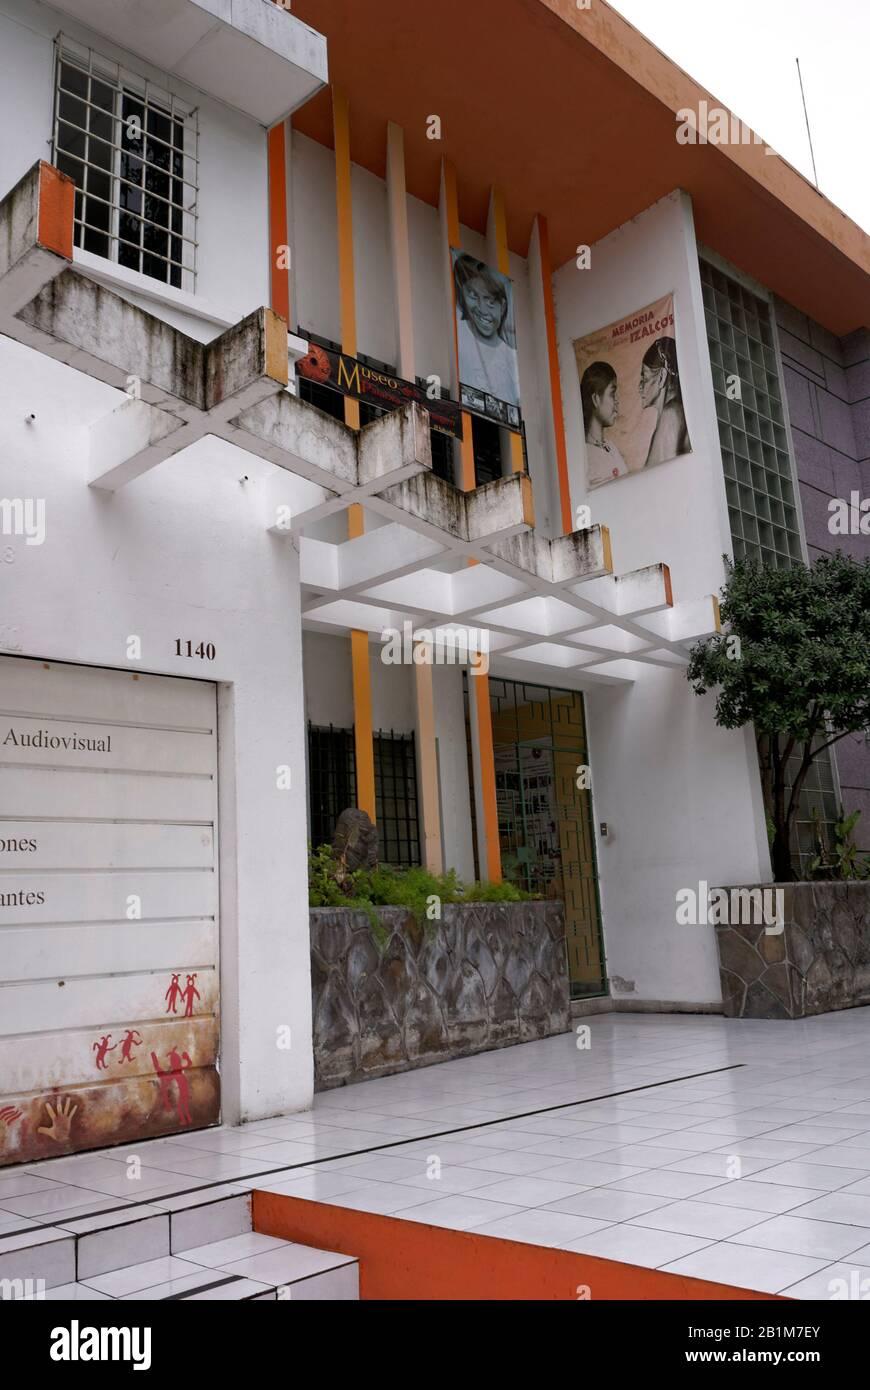 Museo de la Palabra y la Imagen or Museum of Word and Image in San Salvador, El Salvador Stock Photo